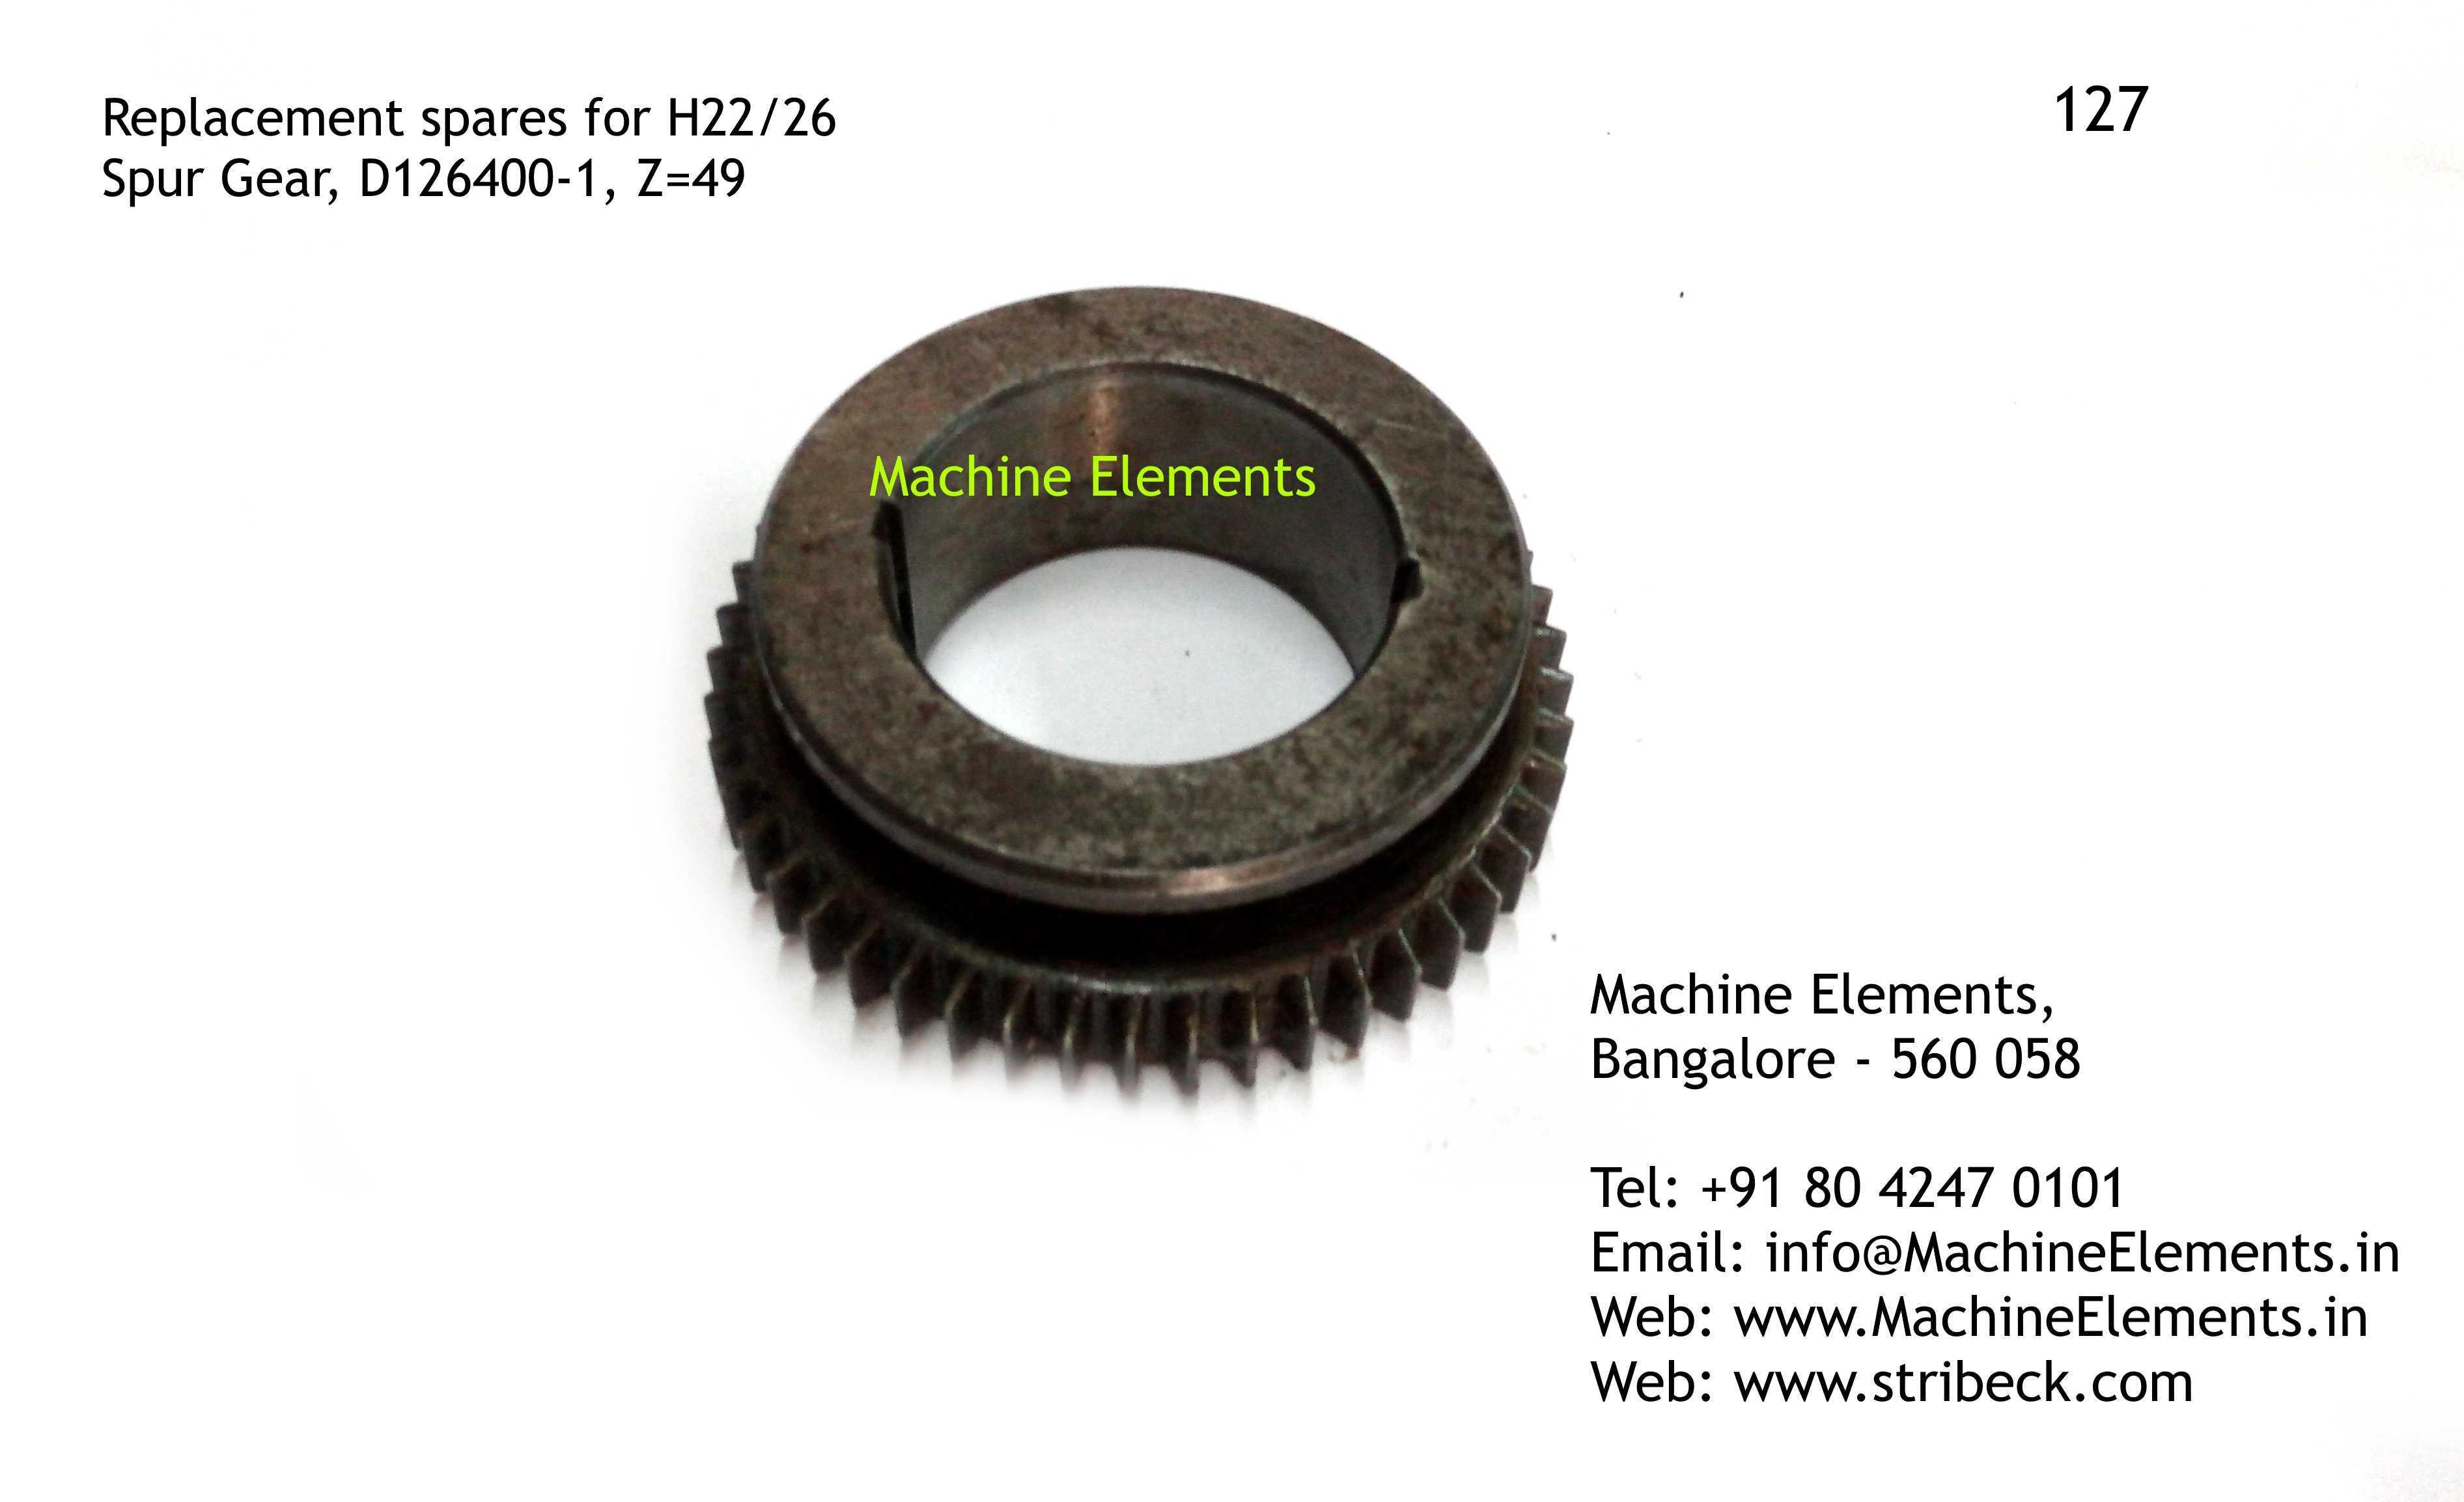 Spur Gear, D126400-1, Z=49